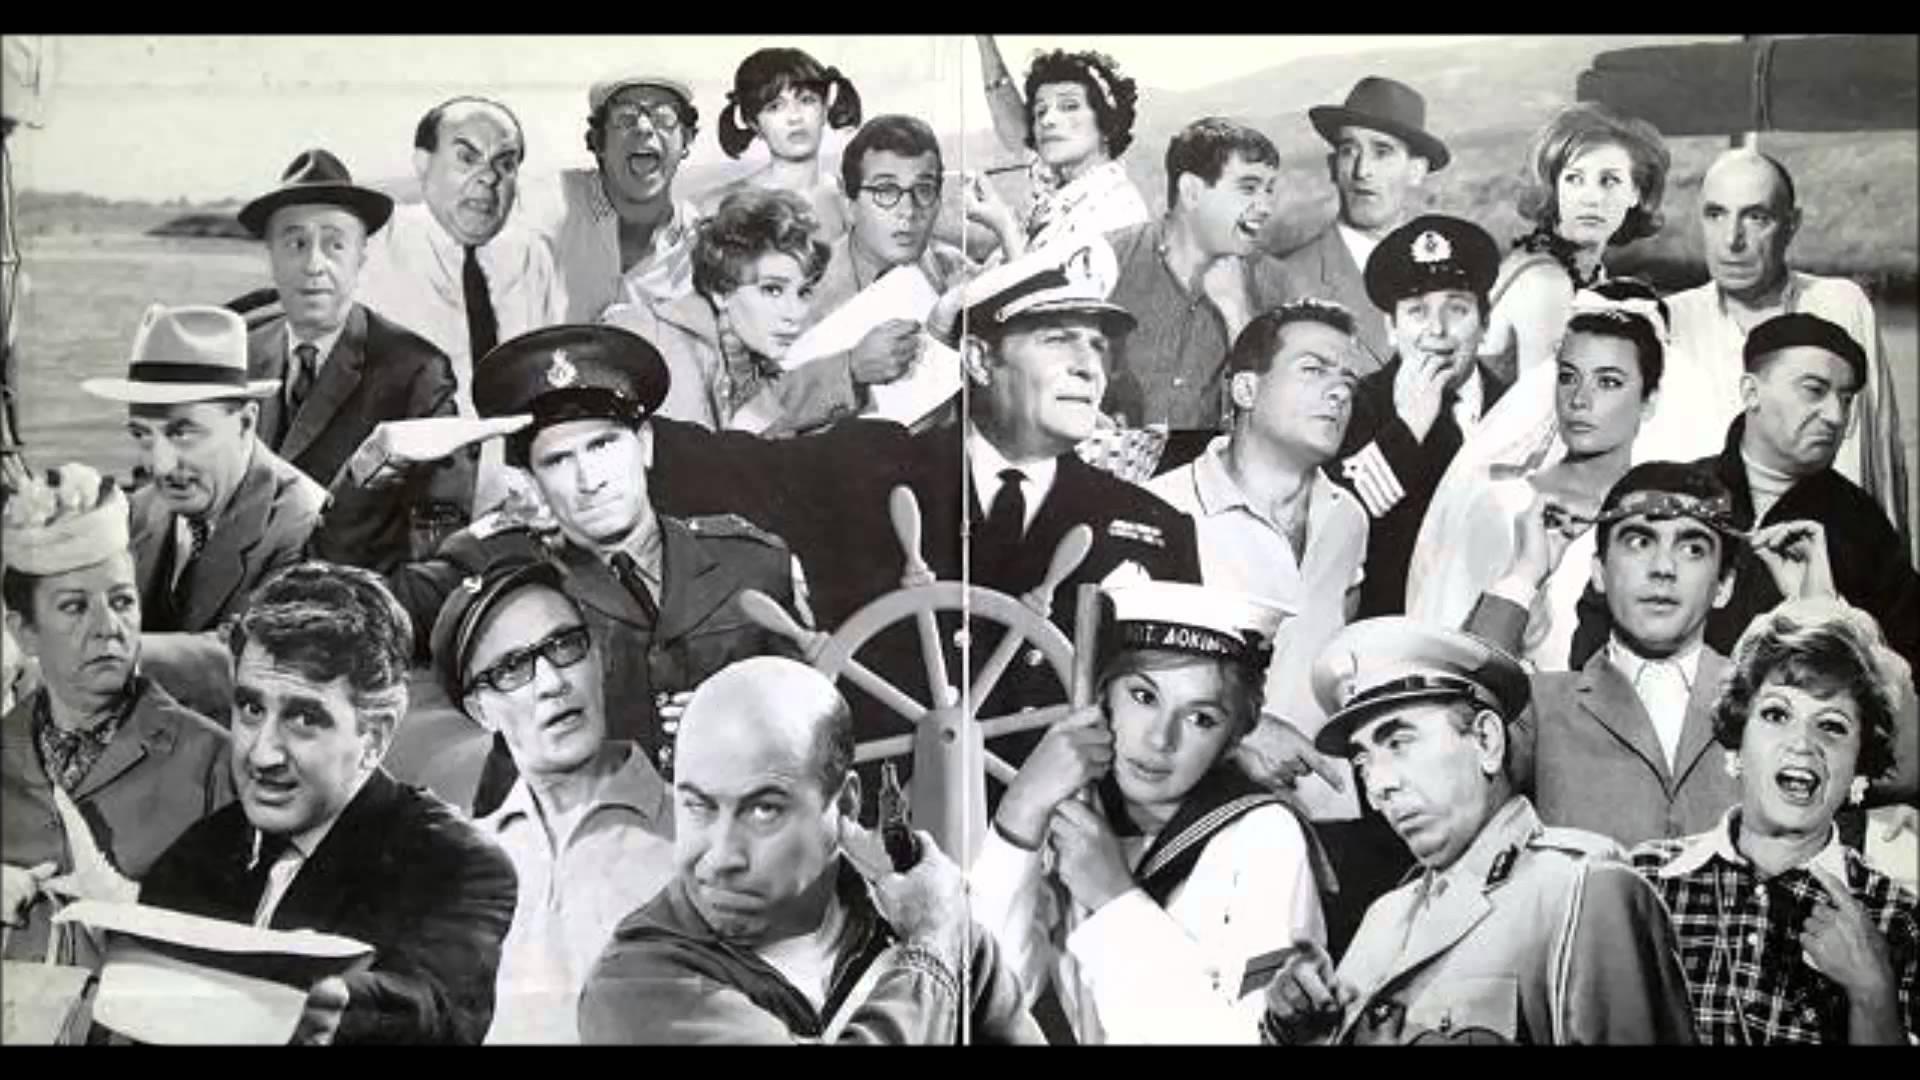 """Η ιστορία του ελληνικού κινηματογράφου από την """"Ώρα της Παιδείας"""" - ΦΡΟΝΤΙΣΤΗΡΙΟ Μ.Ε. ΚΑΙ ΙΔΙΑΙΤΕΡΩΝ ΜΑΘΗΜΑΤΩΝ """"ΚΥΡΙΤΣΗΣ"""""""